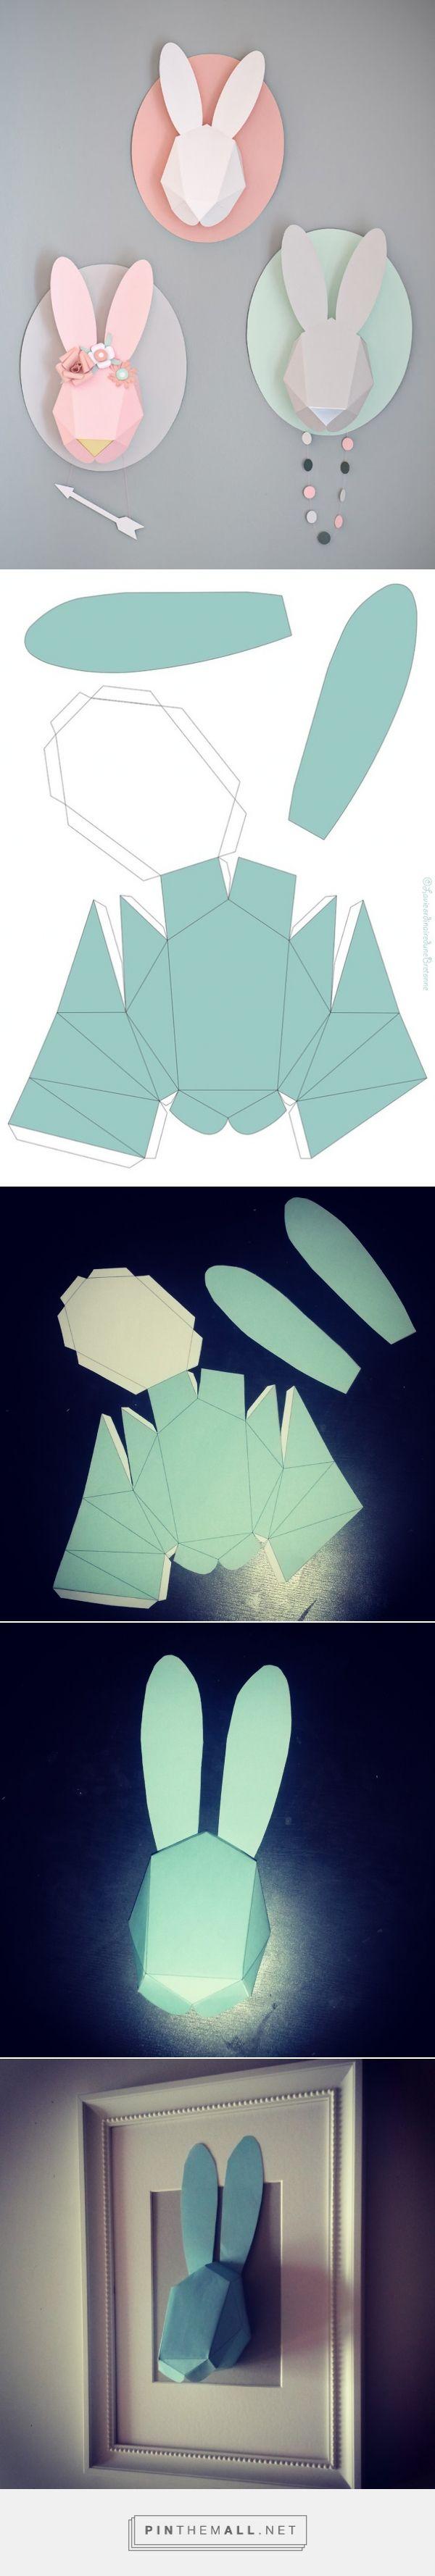 La vie ordinaire d\'une bretonne: Printable : Tête de lapin en 3D - Trophée {DIY}... - a grouped images picture - Pin Them All